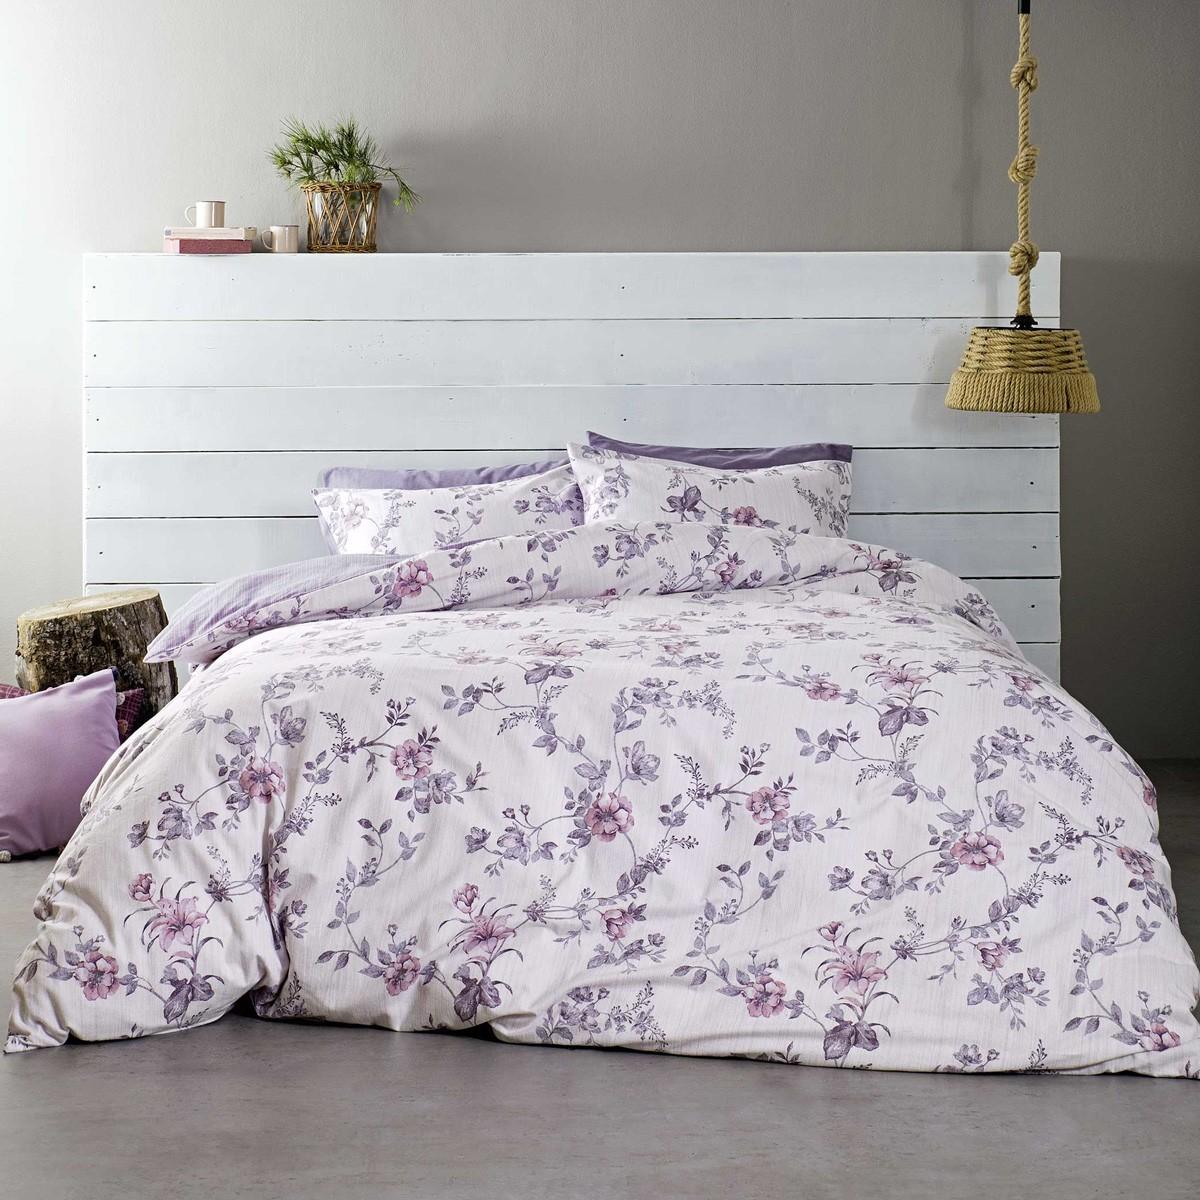 Φανελένια Σεντόνια Υπέρδιπλα (Σετ) Nima Bed Linen Ginata